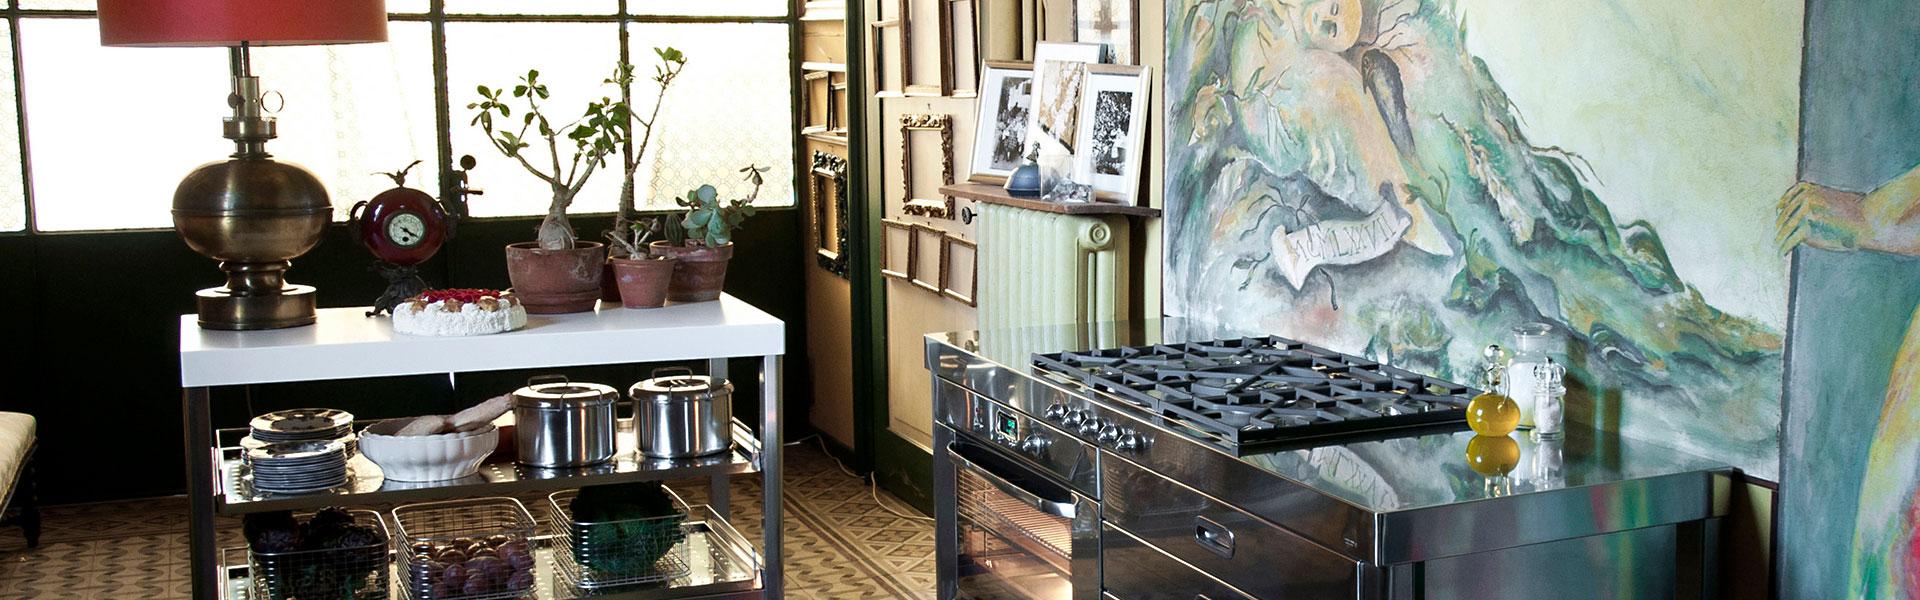 Full Size of Freistehende Küchen Kchen Mbel Kcheninseln Makchen Regal Küche Wohnzimmer Freistehende Küchen